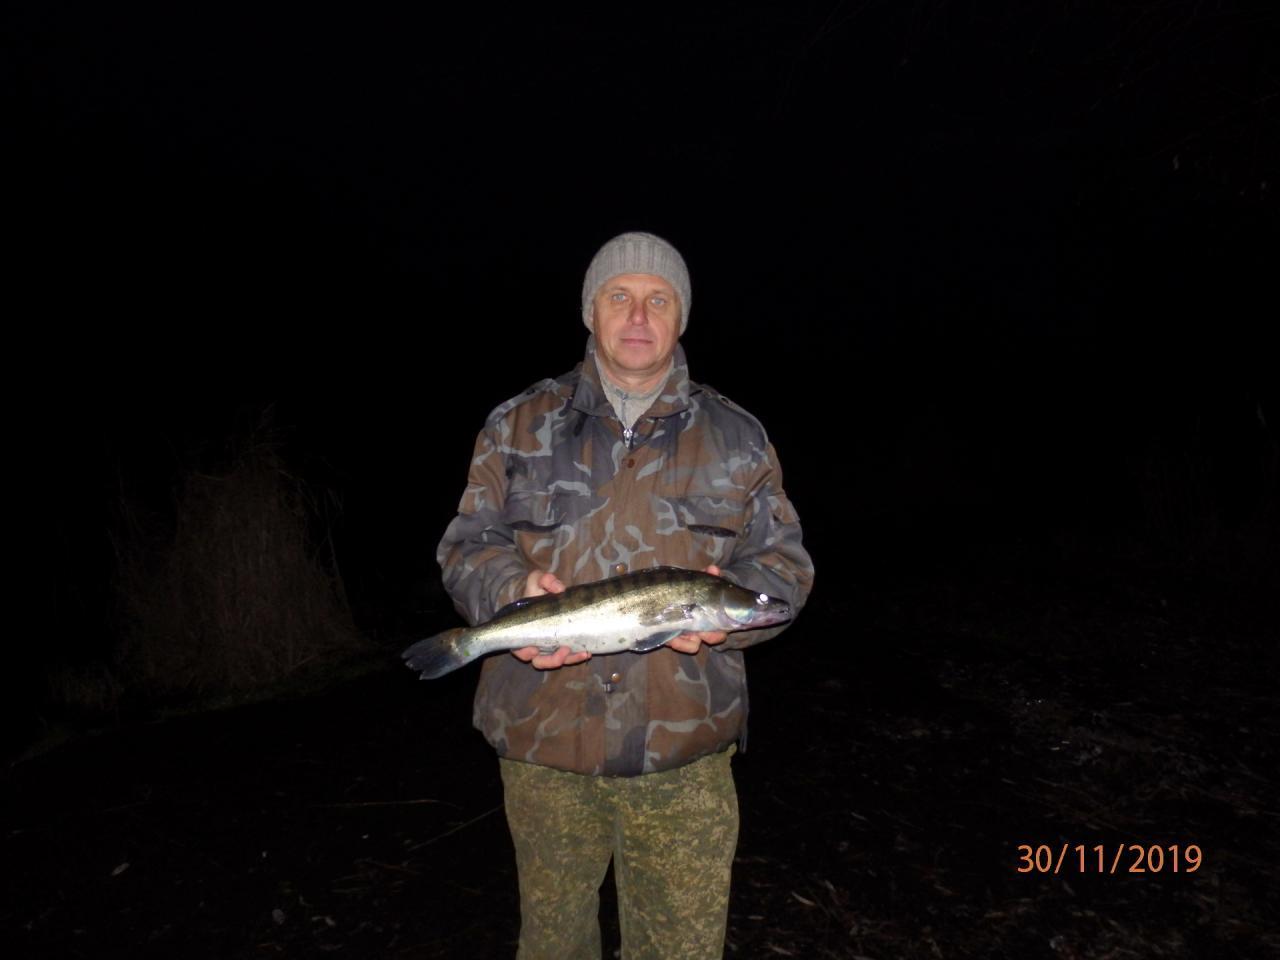 Довелось и мне вчера побывать в тех краях ... | Отчеты о рыбалке в Беларуси